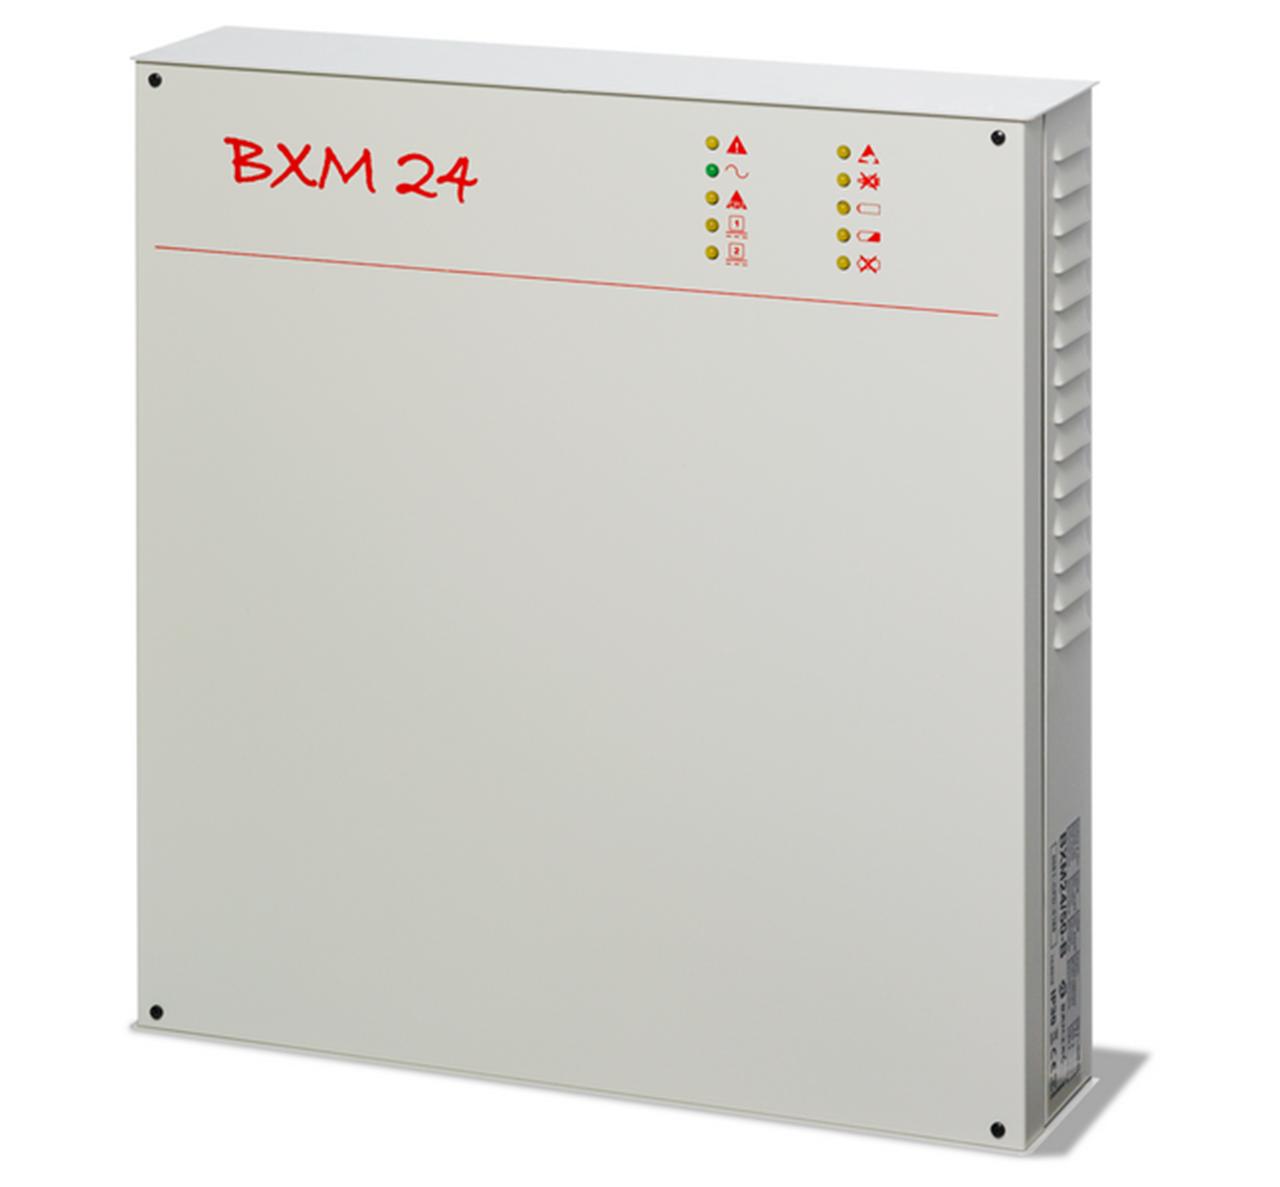 Bentel security BXM24/50-U - Microprocessor Controlled Power Station Armenia Vantag LLC